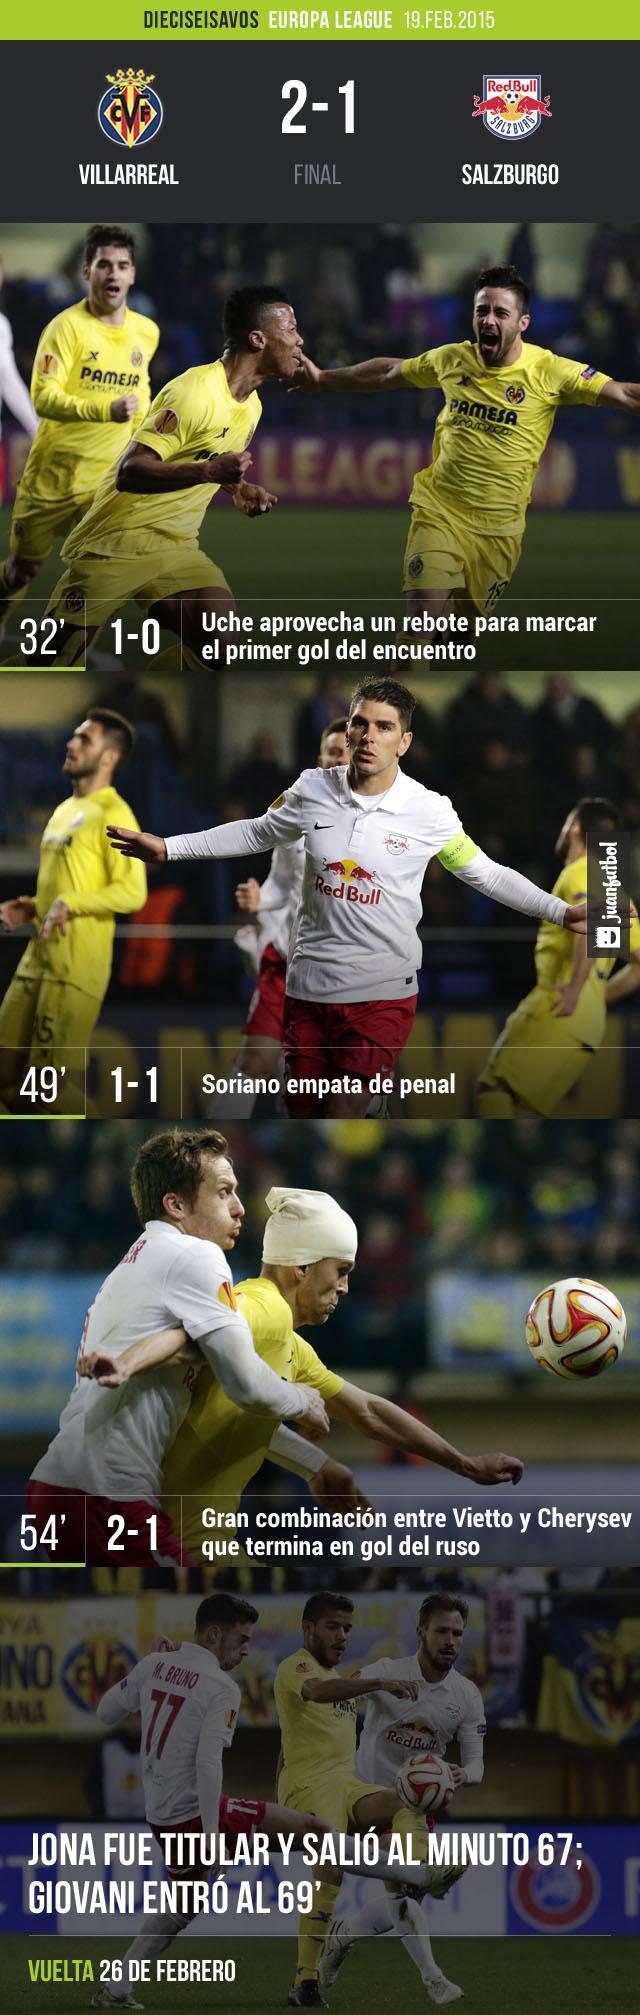 Villarreal derrotó al Salzburgo en los dieciseisavos de la Europa League con la participación de Giovani y Jonathan dos Santos.